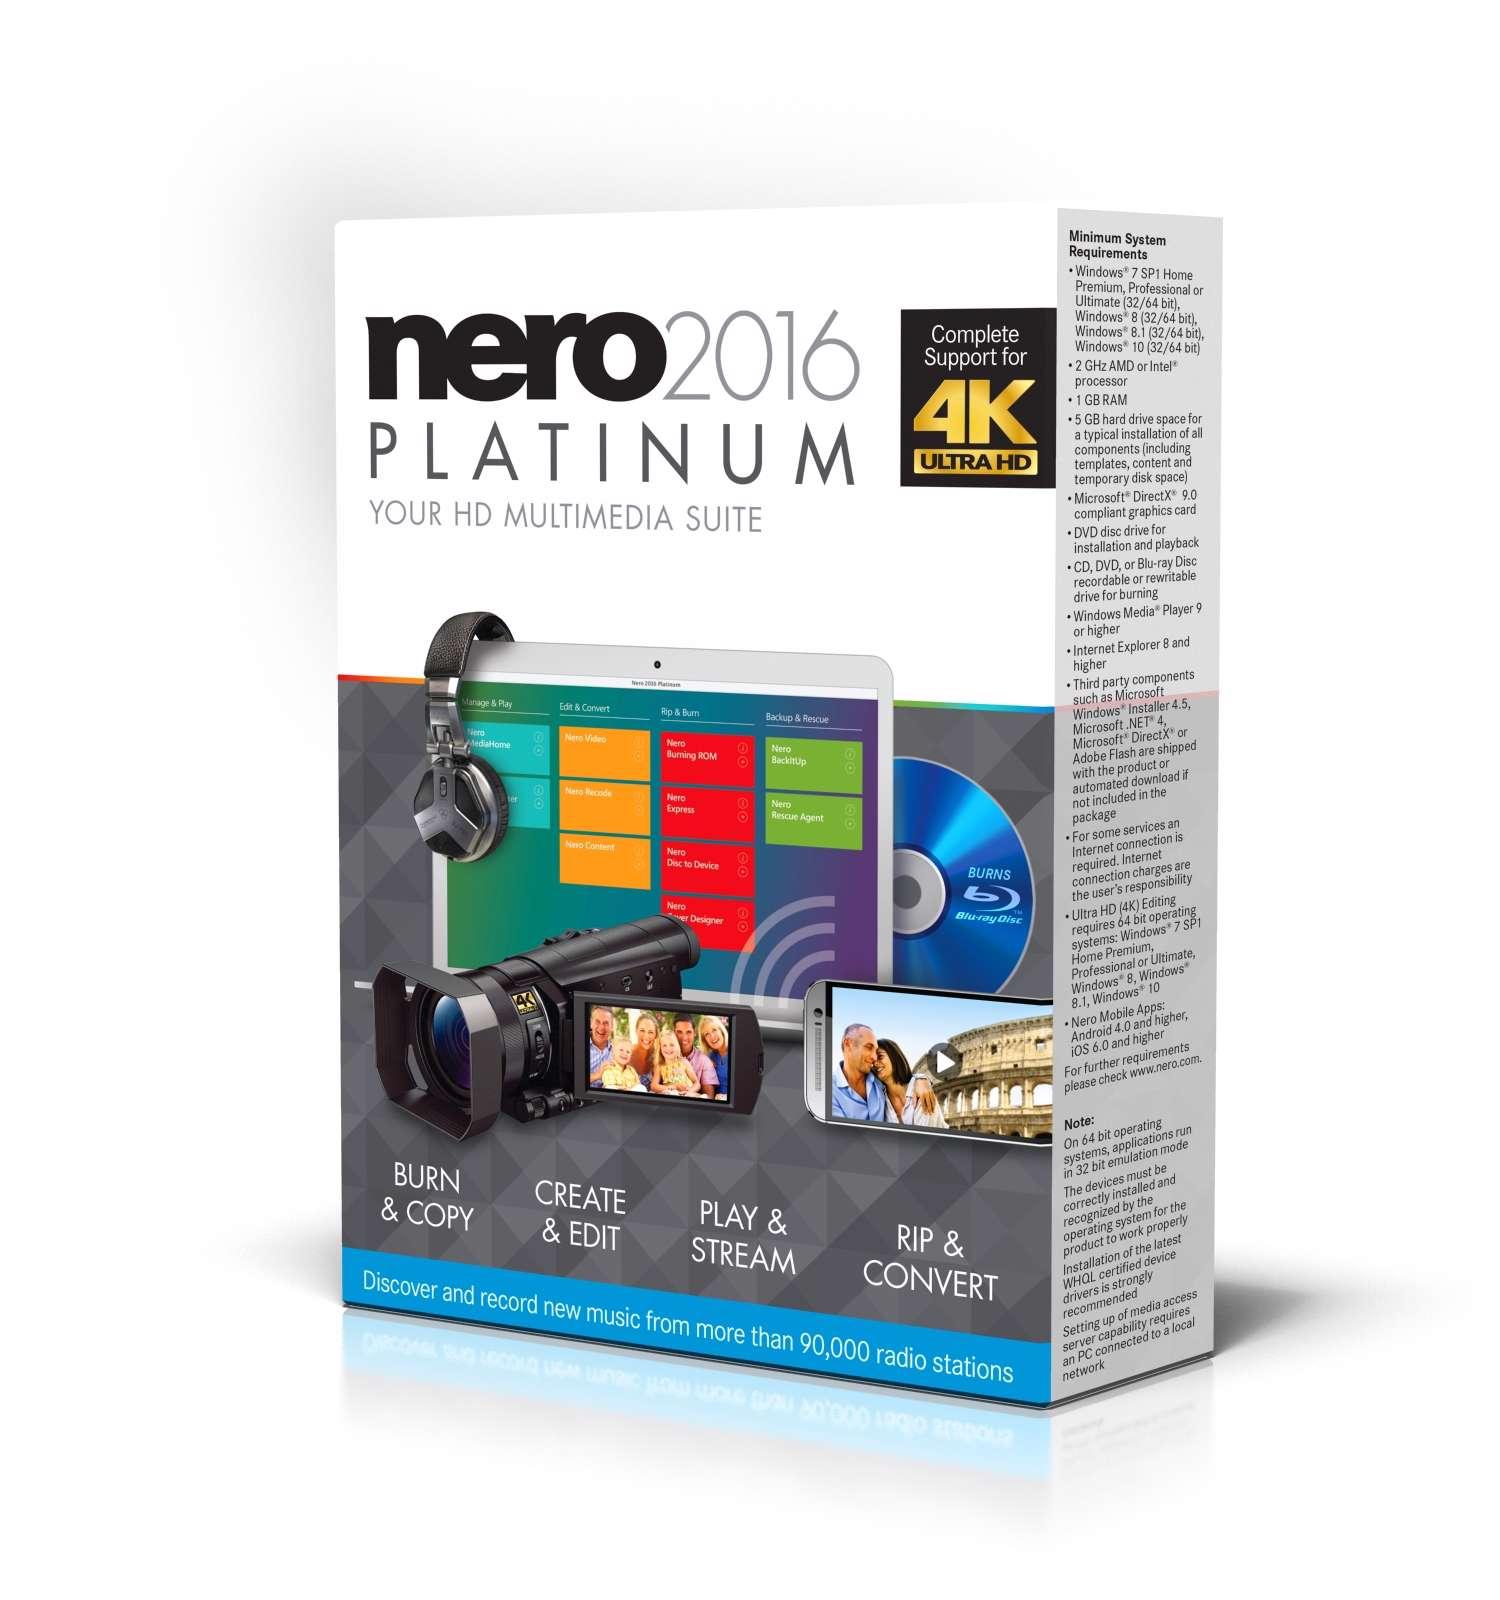 دانلود مجموعه نرم افزارهای Nero 2016 Platinum 18.0.08500 ، Nero